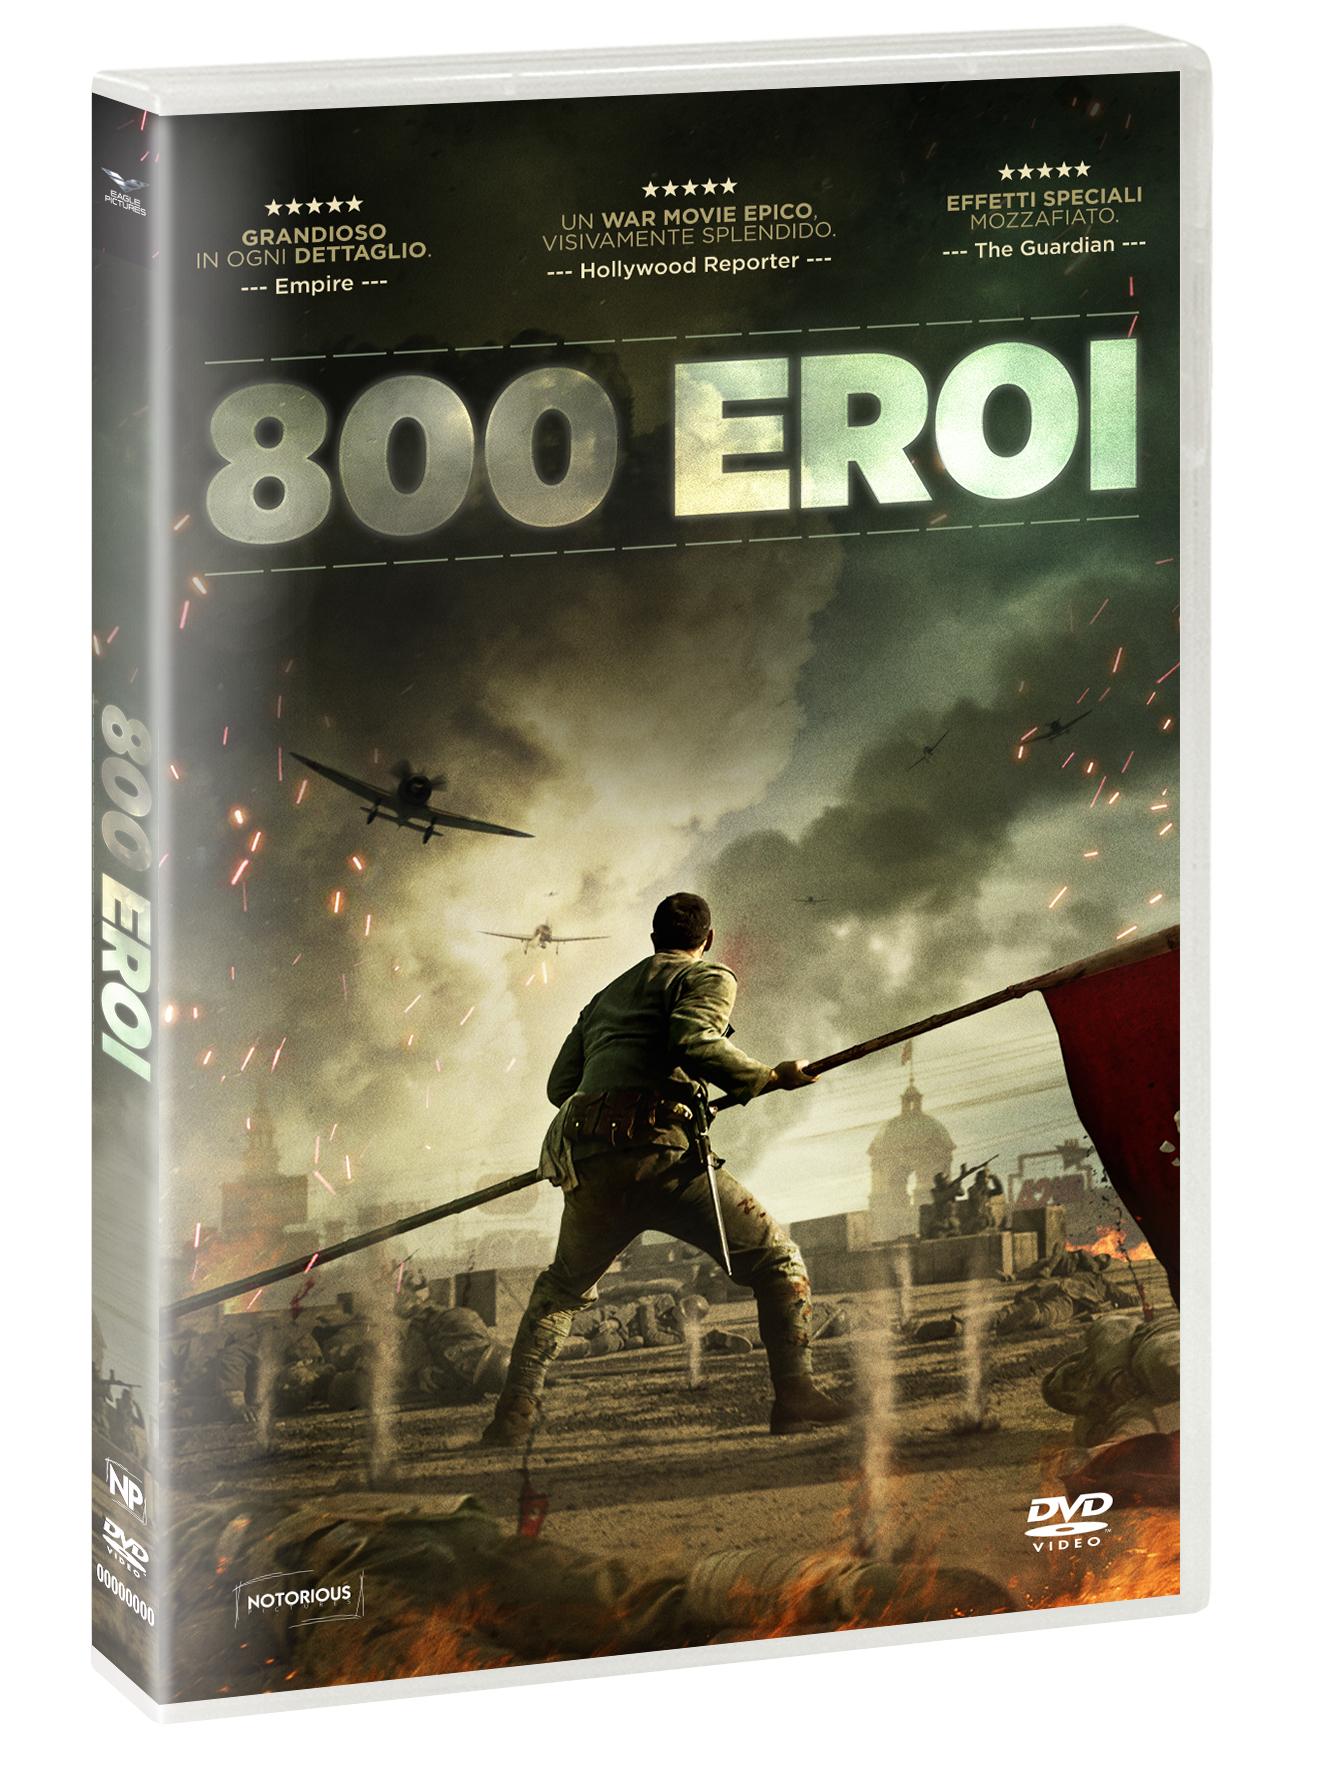 800 EROI (DVD)